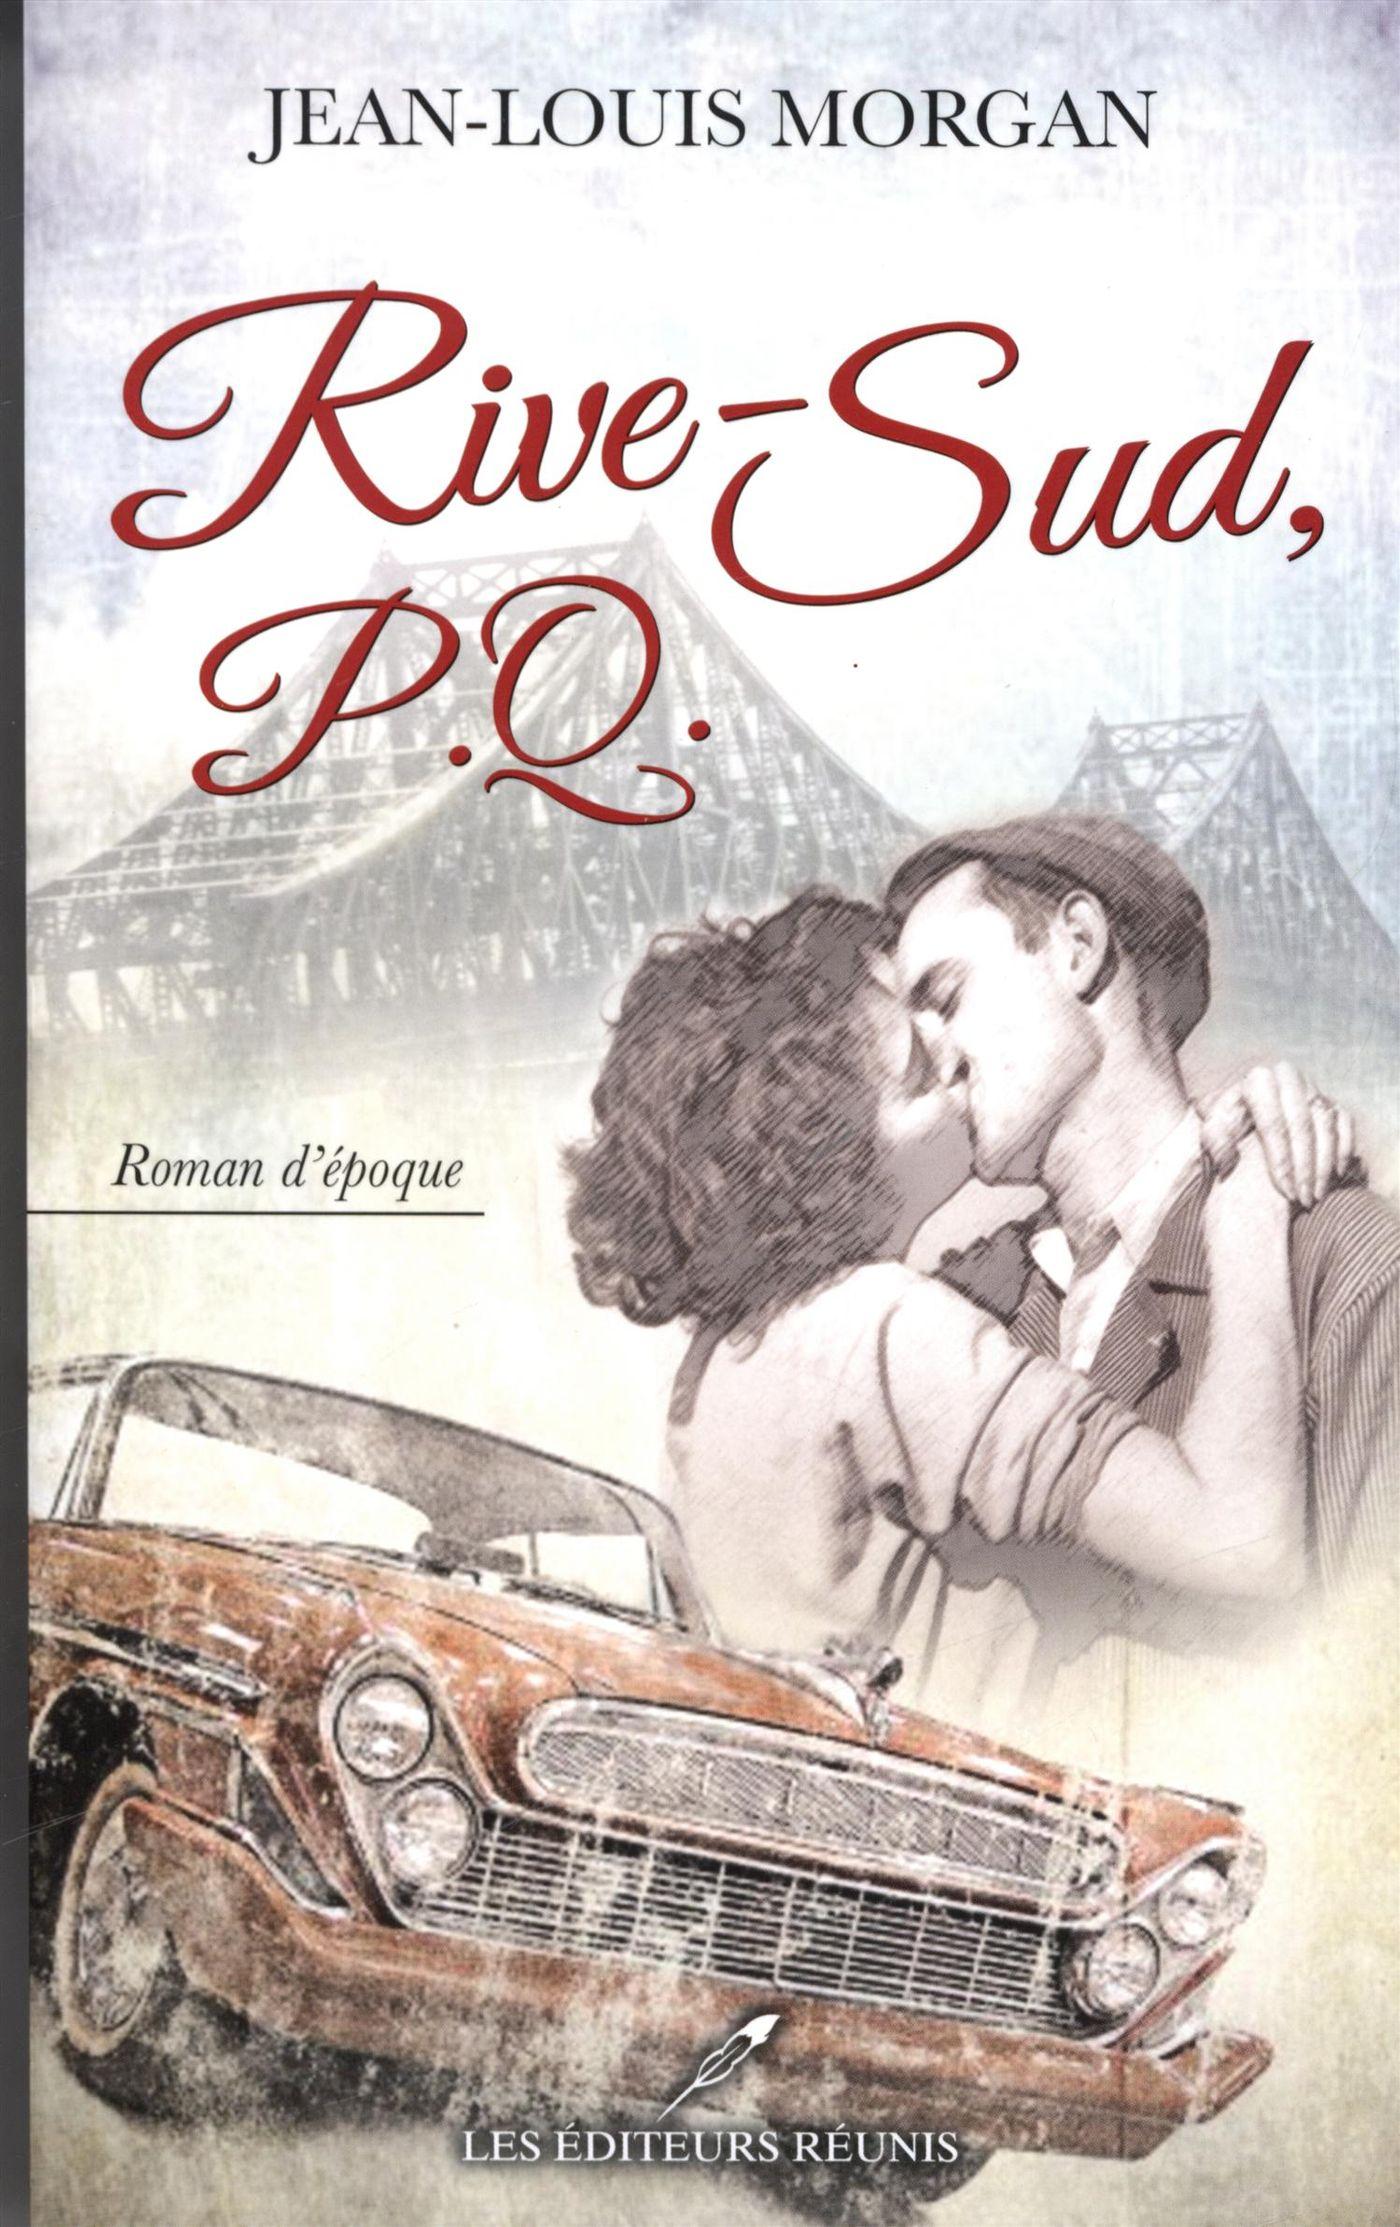 Rive-Sud, P.Q. 01